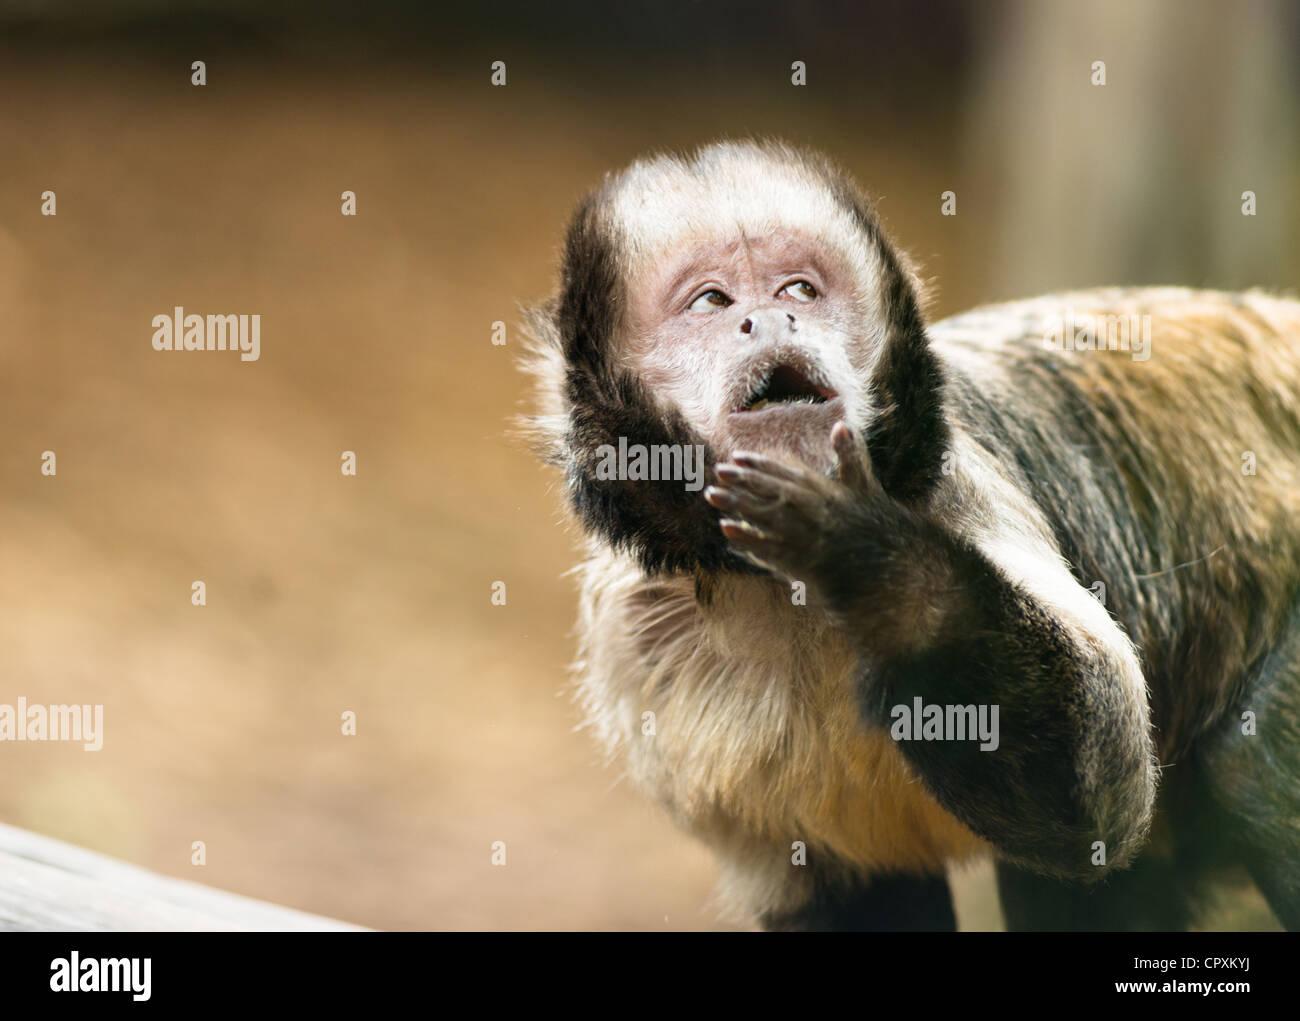 Tufted scimmia cappuccino (Sapajus apella) con cheeky espressione pensosa. Immagini Stock